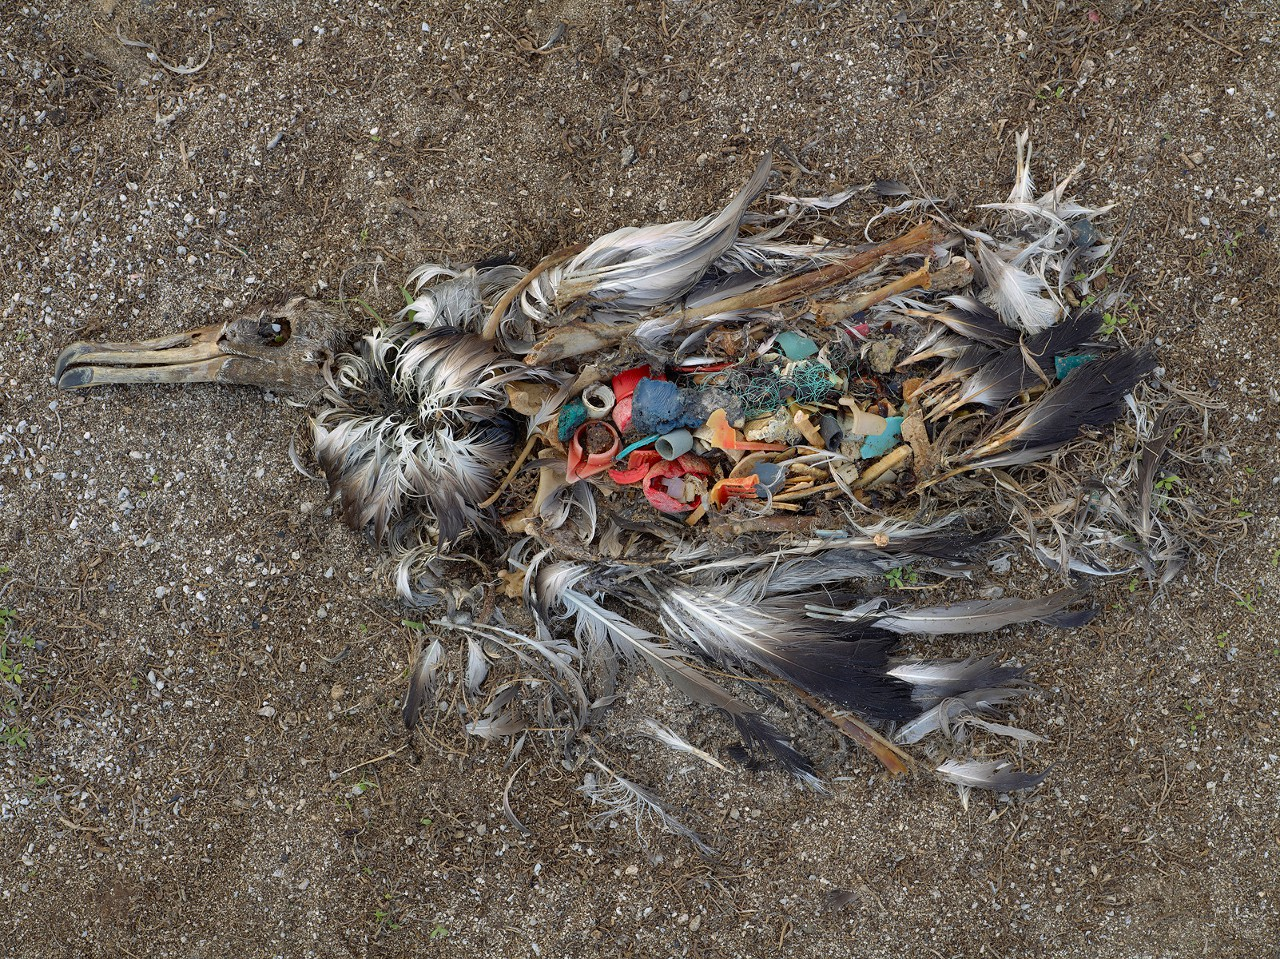 До сих пор от пластика страдали все, кроме людей. Теперь наша очередь.